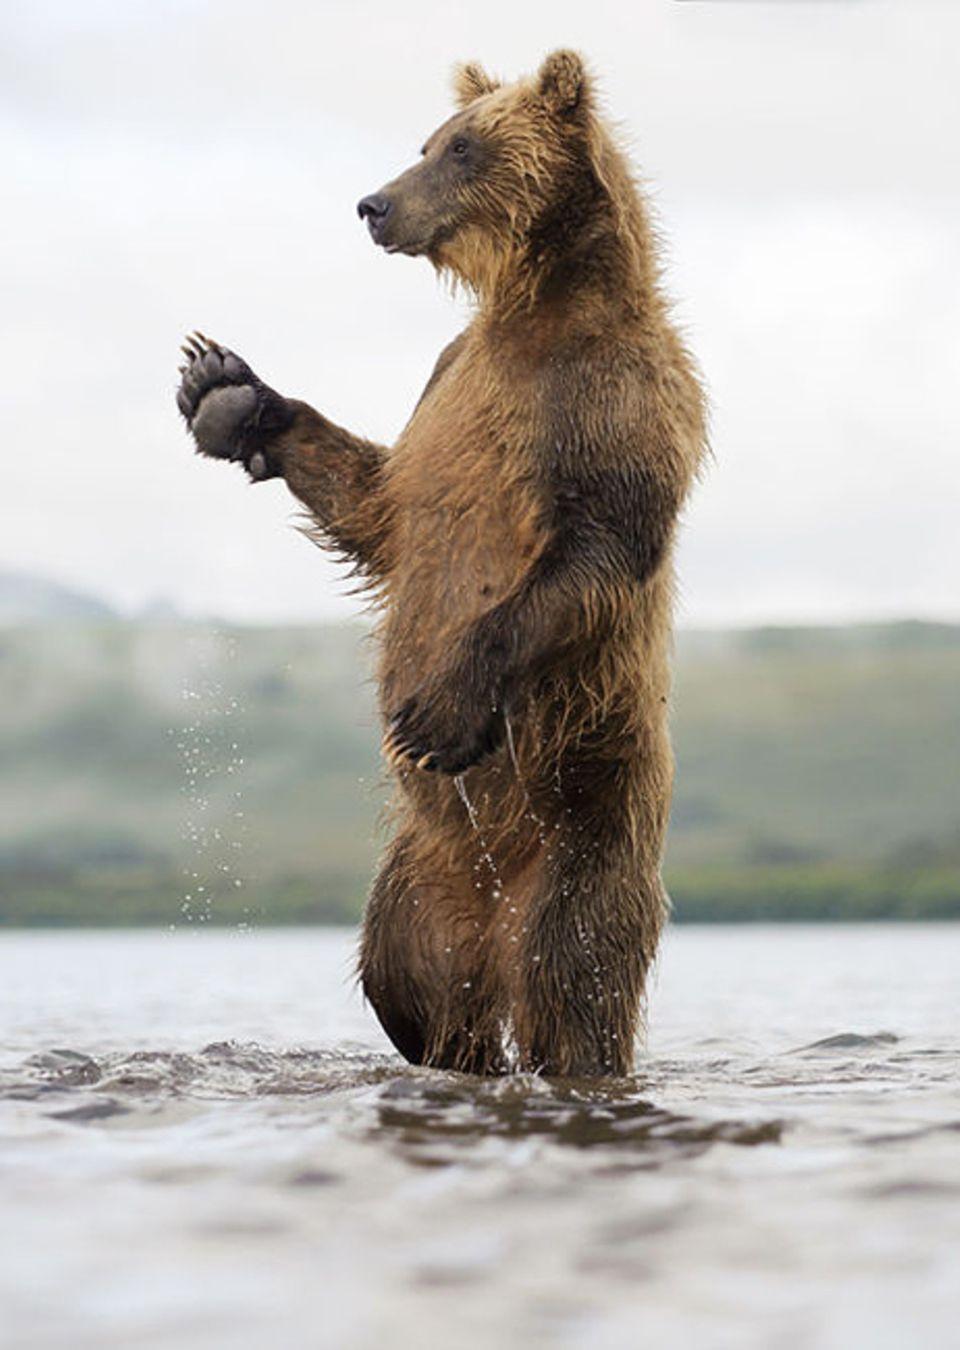 DVD: Der junge Braunbär ist zu unerfahren, um zu wissen, dass er vor der Winterruhe ausreichend essen muss. Er begibt sich in Lebensgefahr, wenn er zu früh seine Höhle verlässt